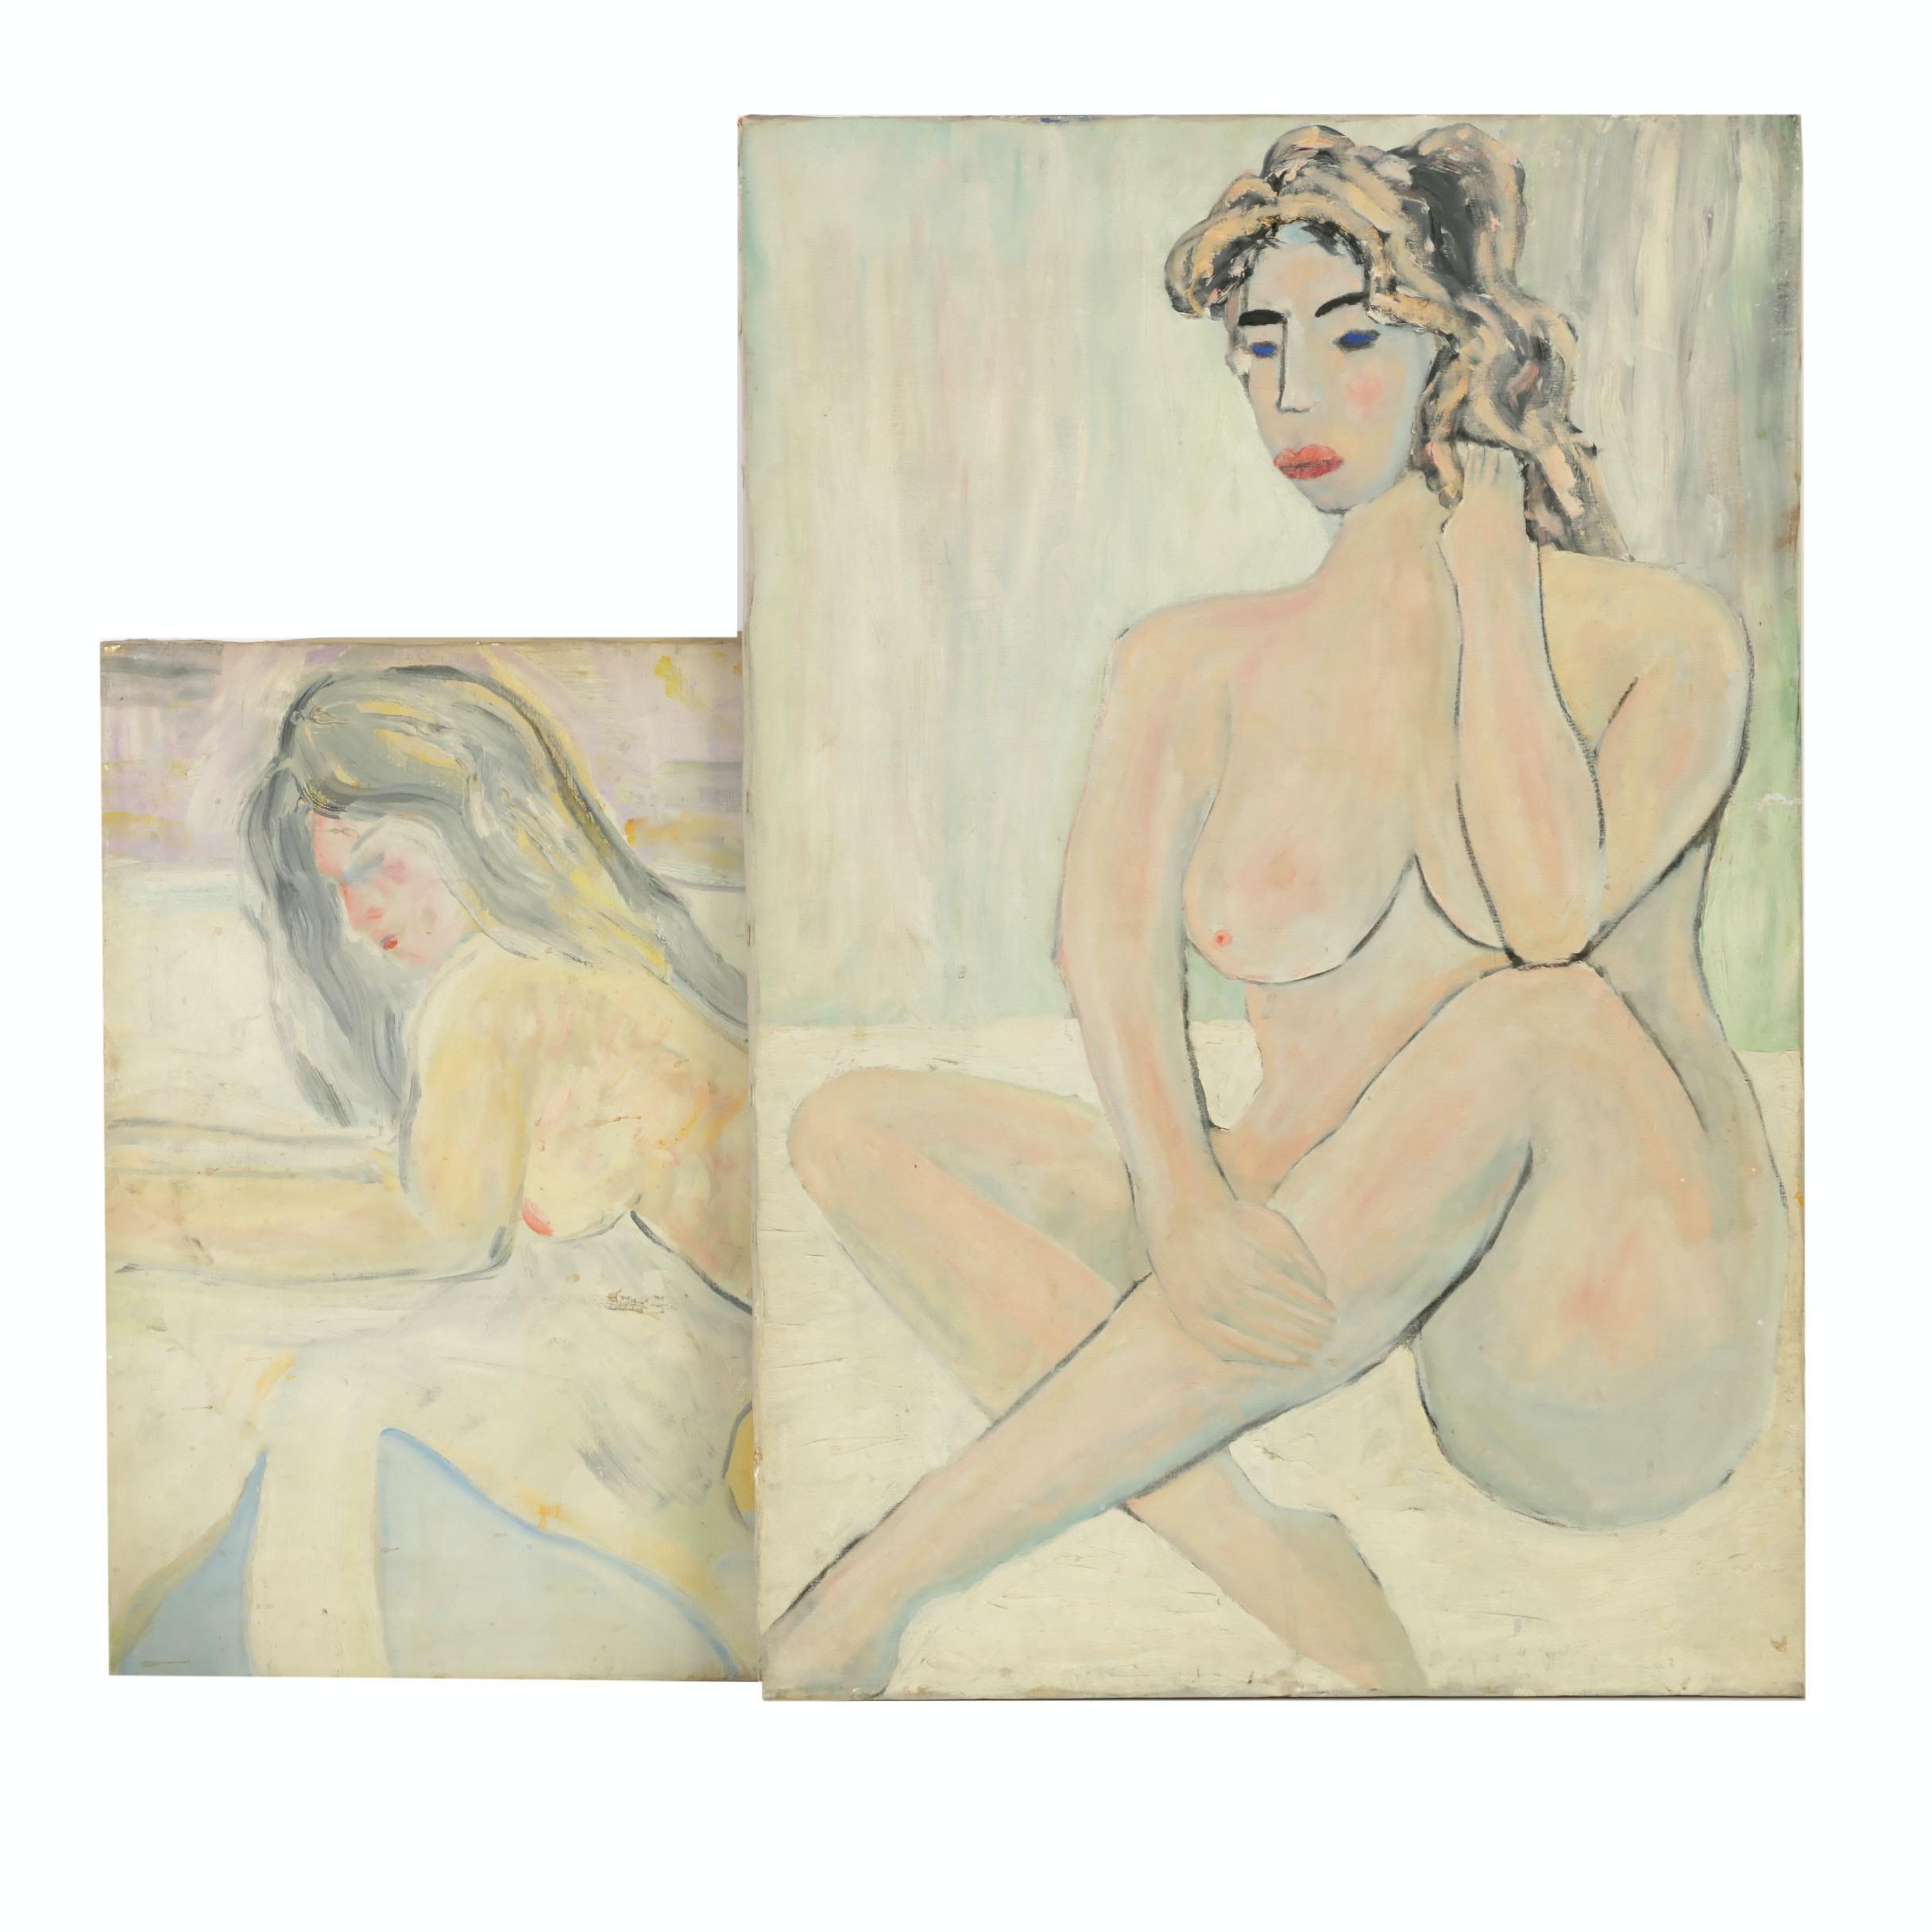 Oil Paintings of Female Figures